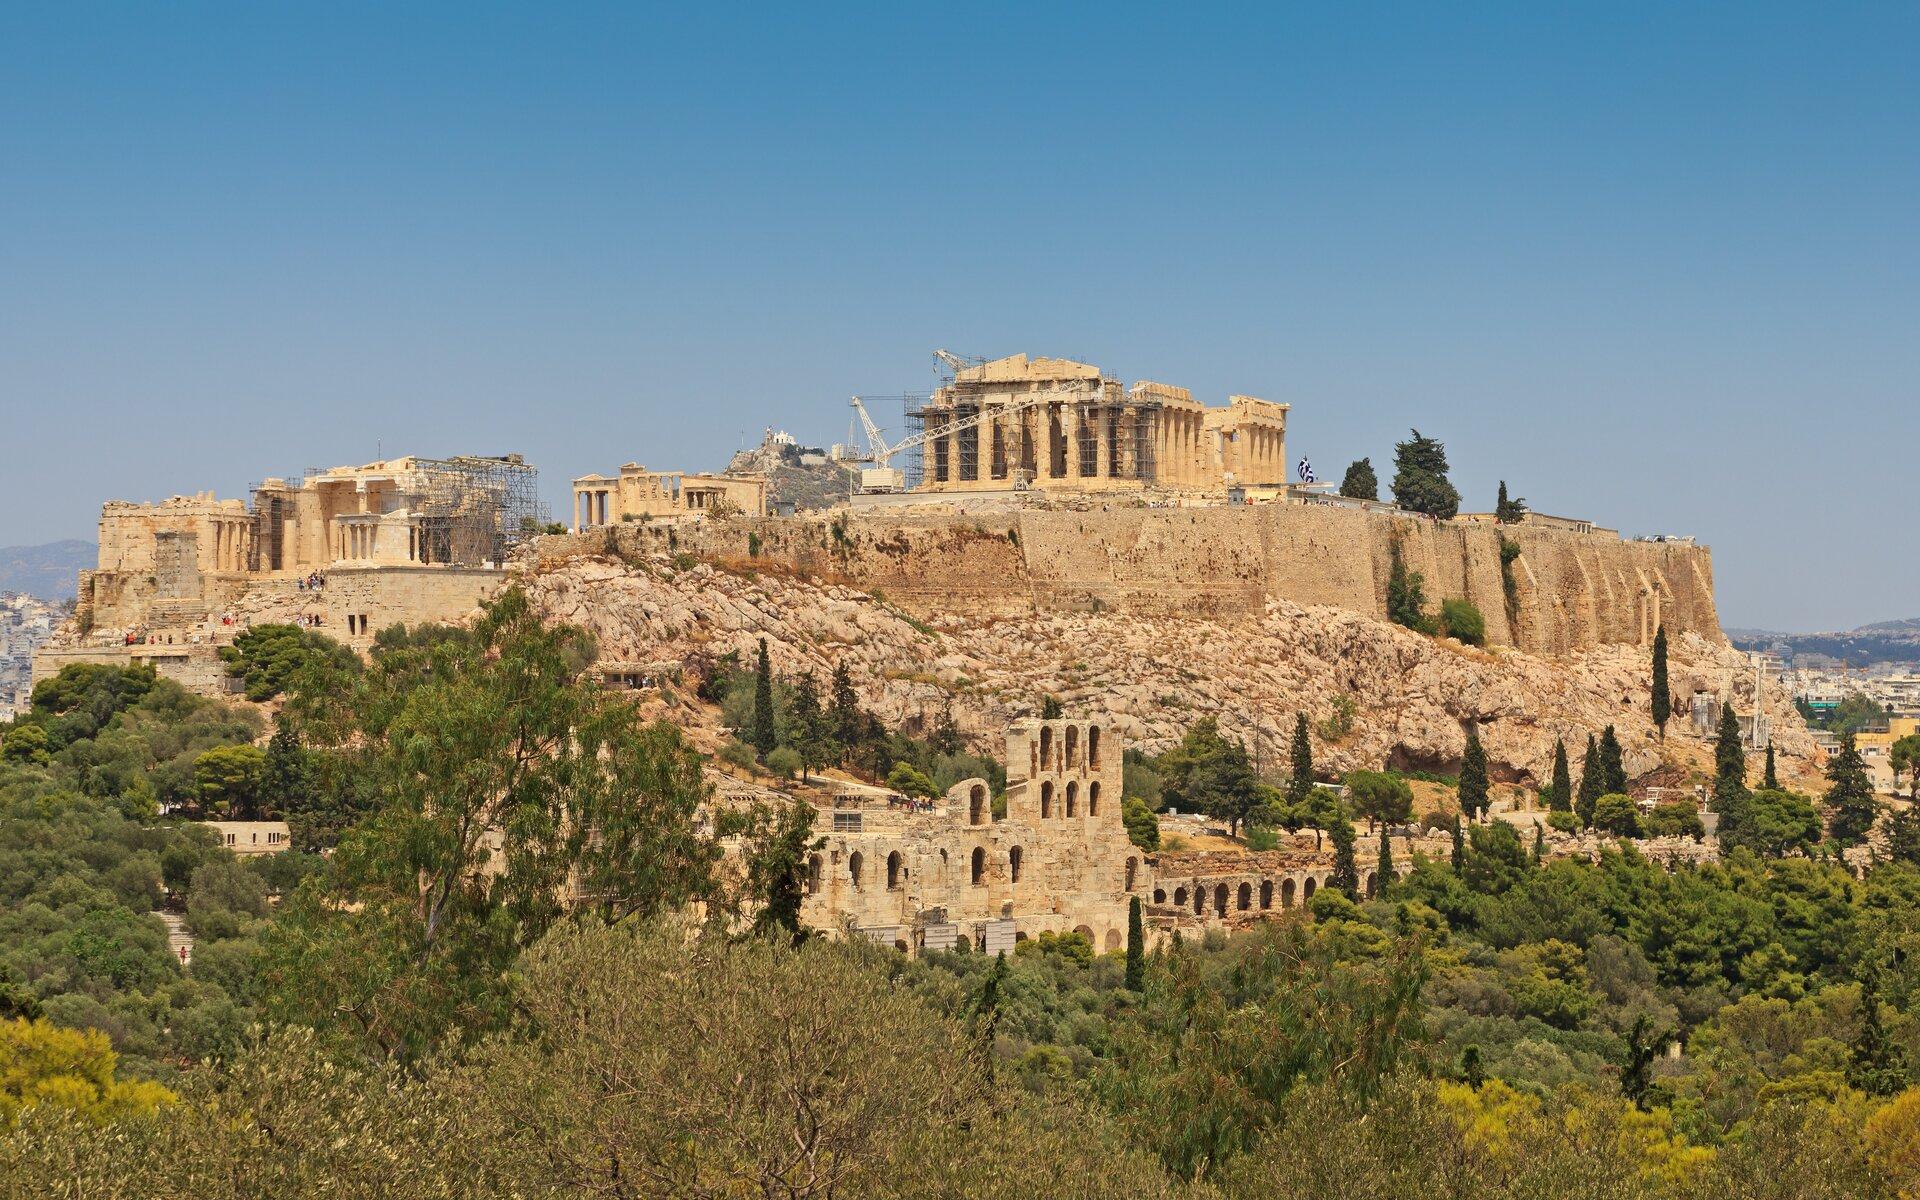 Współczesna panorama Akropolu Współczesna panorama Akropolu Źródło: A. Savin, Wikimedia Commons, licencja: CC BY-SA 3.0.